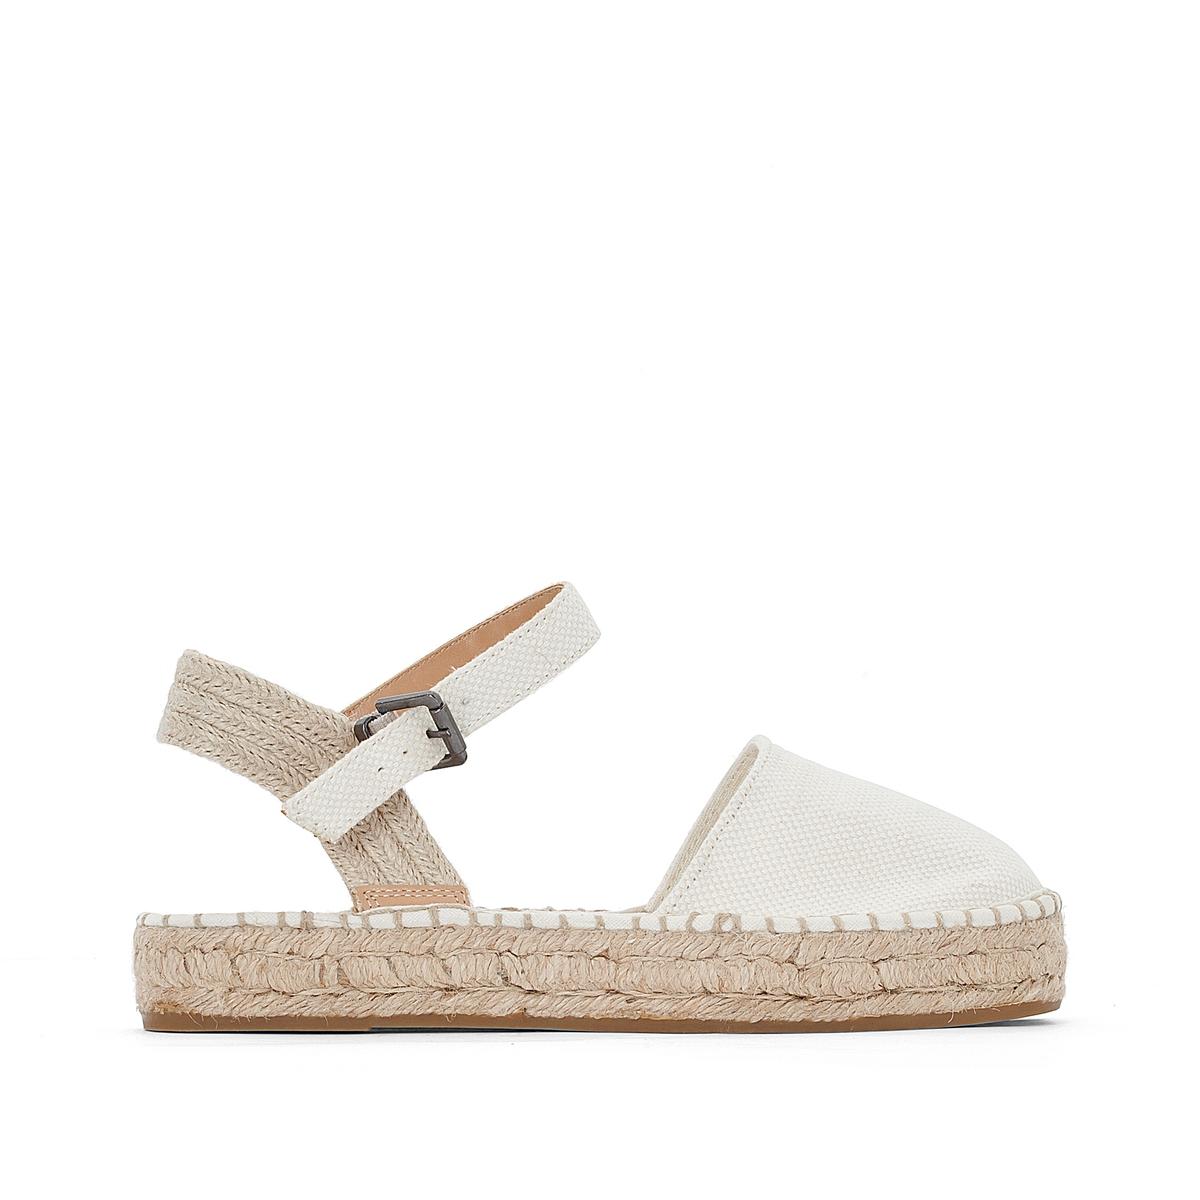 Туфли полотняные OliviaВерх: хлопок.Стелька:Подошва:     Высота каблука: 2 см.Форма каблука: плоский каблук.Мысок: закругленный.Застежка: пряжка.<br><br>Цвет: синий морской,экрю